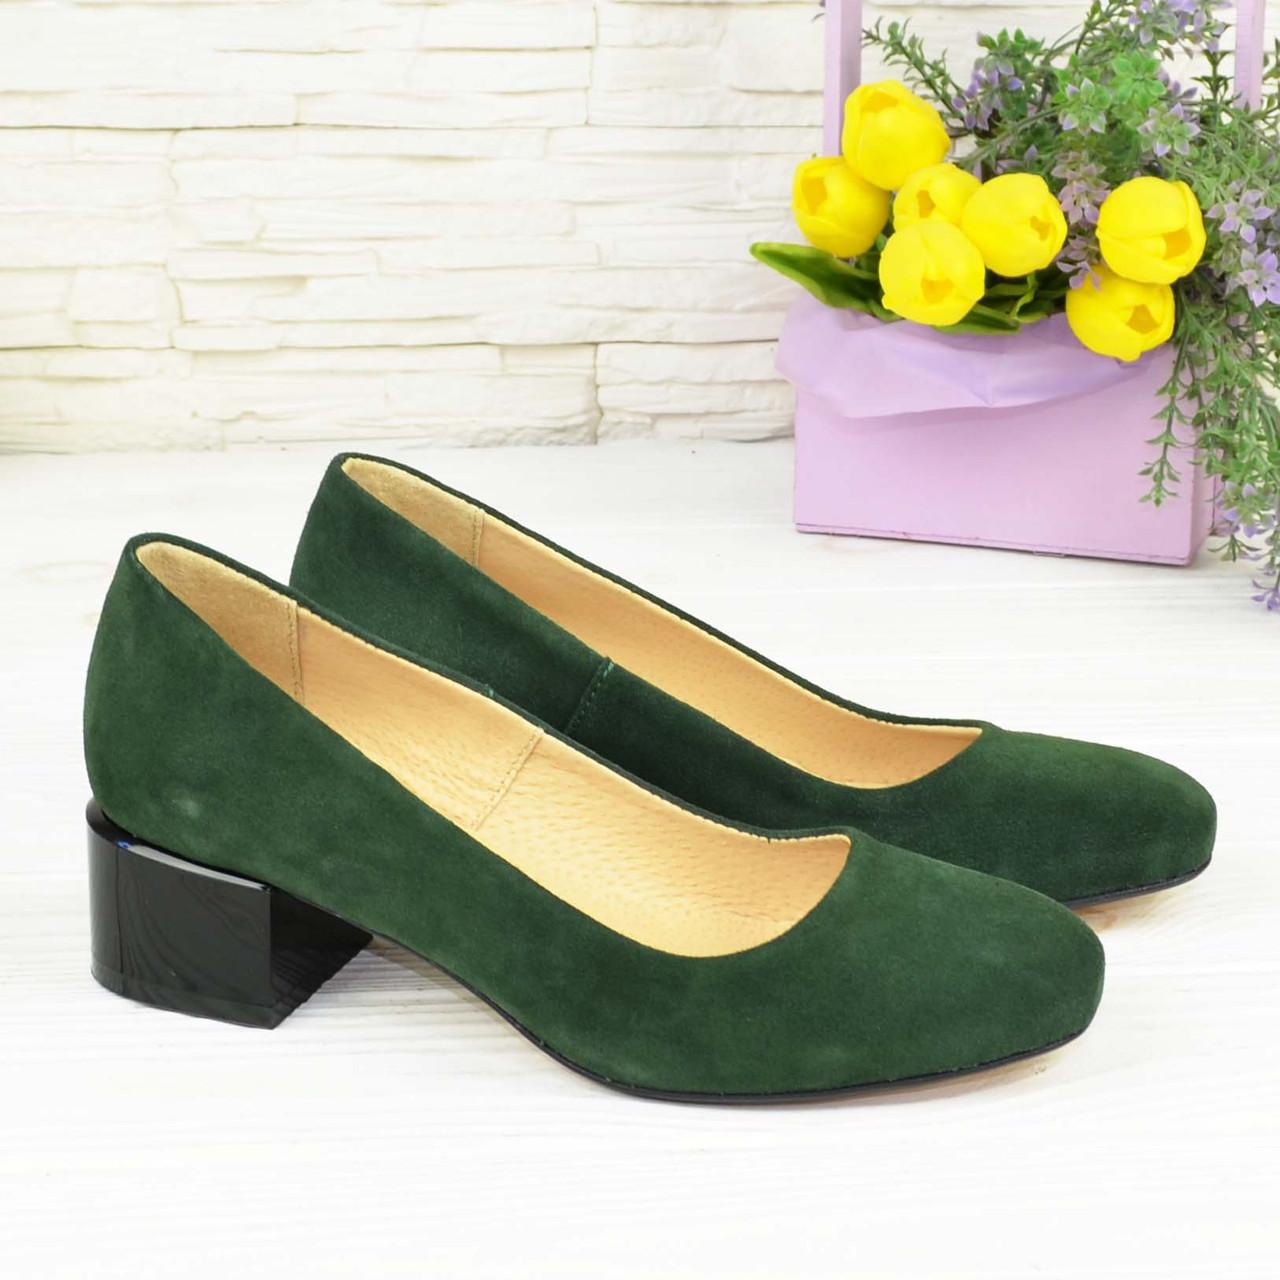 Туфлі жіночі замшеві на невисокому каблуці. Колір зелений